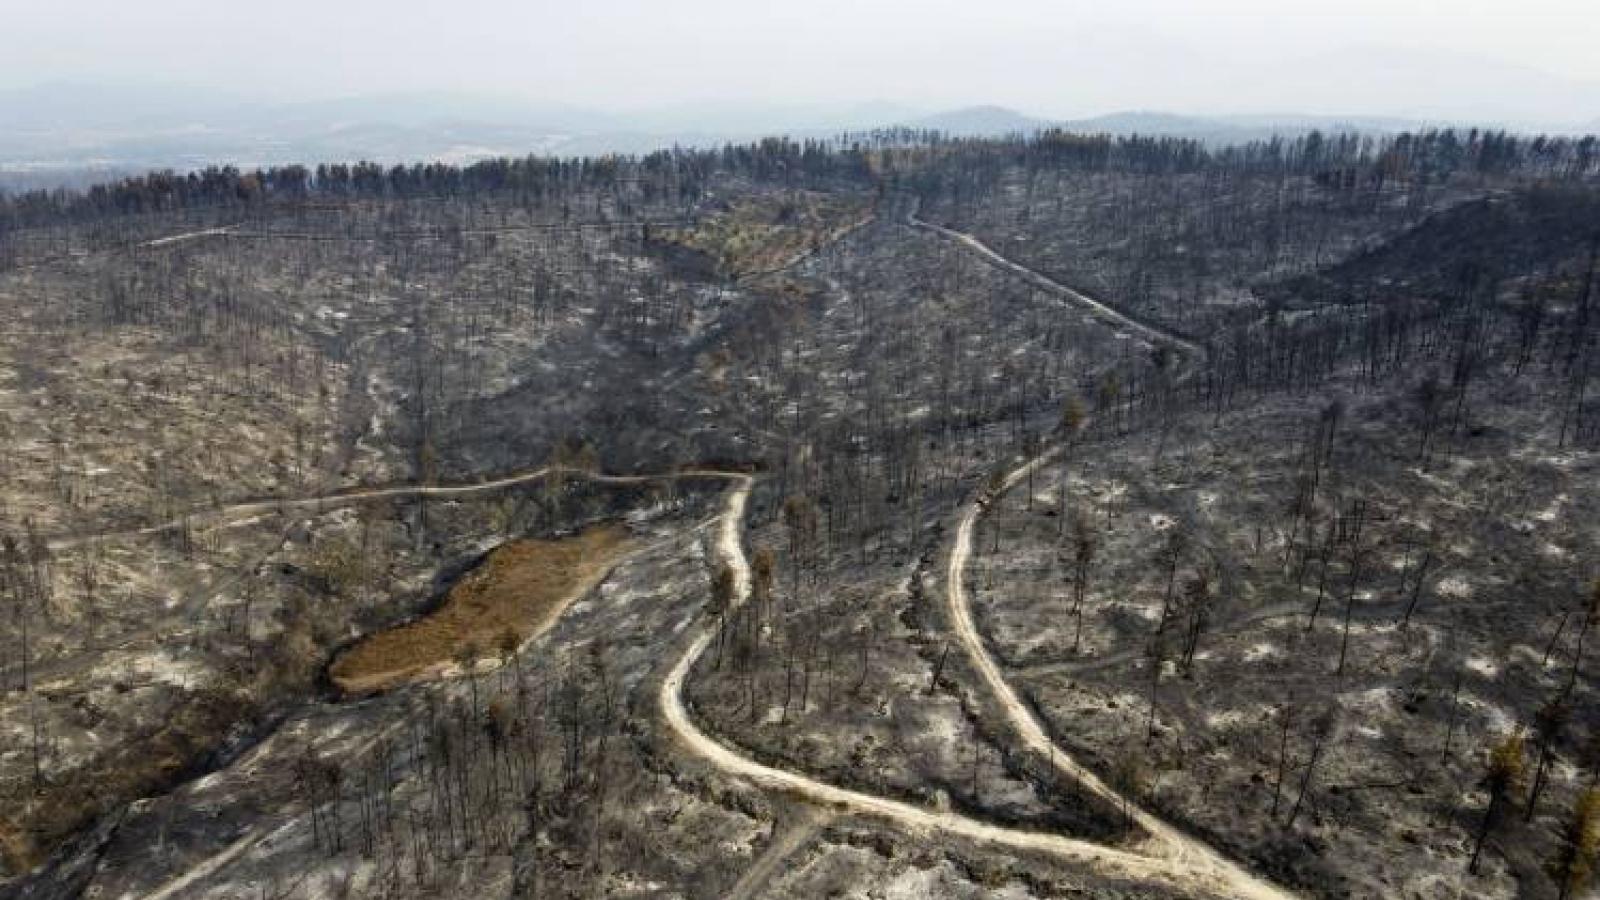 Cháy rừng Hy Lạp: Thảm họa sinh thái lớn nhất trong nhiều thập kỷ